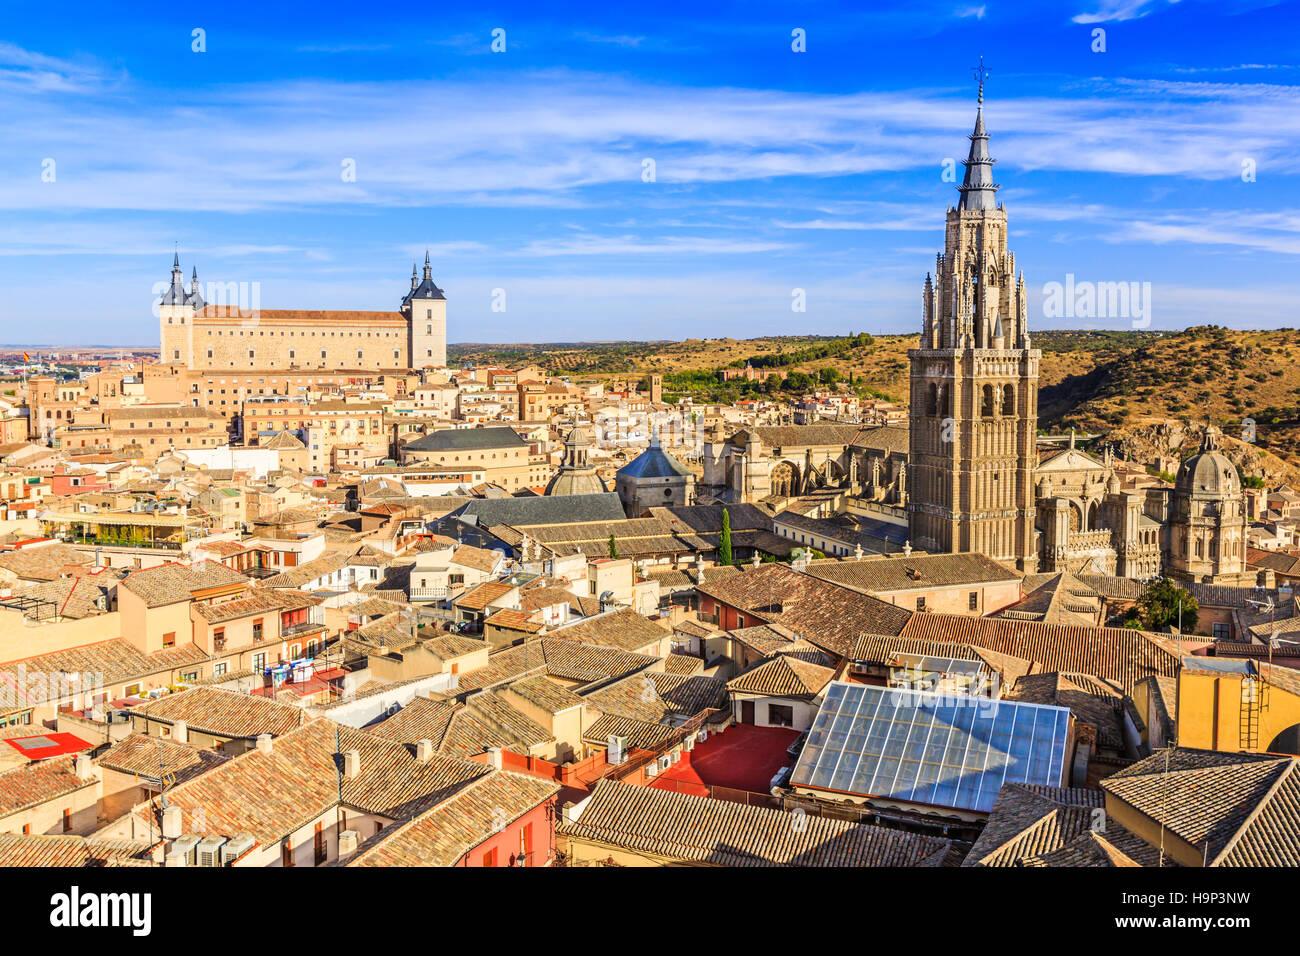 Toledo, España. Vista panorámica de la ciudad vieja y su alcázar (palacio real). Imagen De Stock